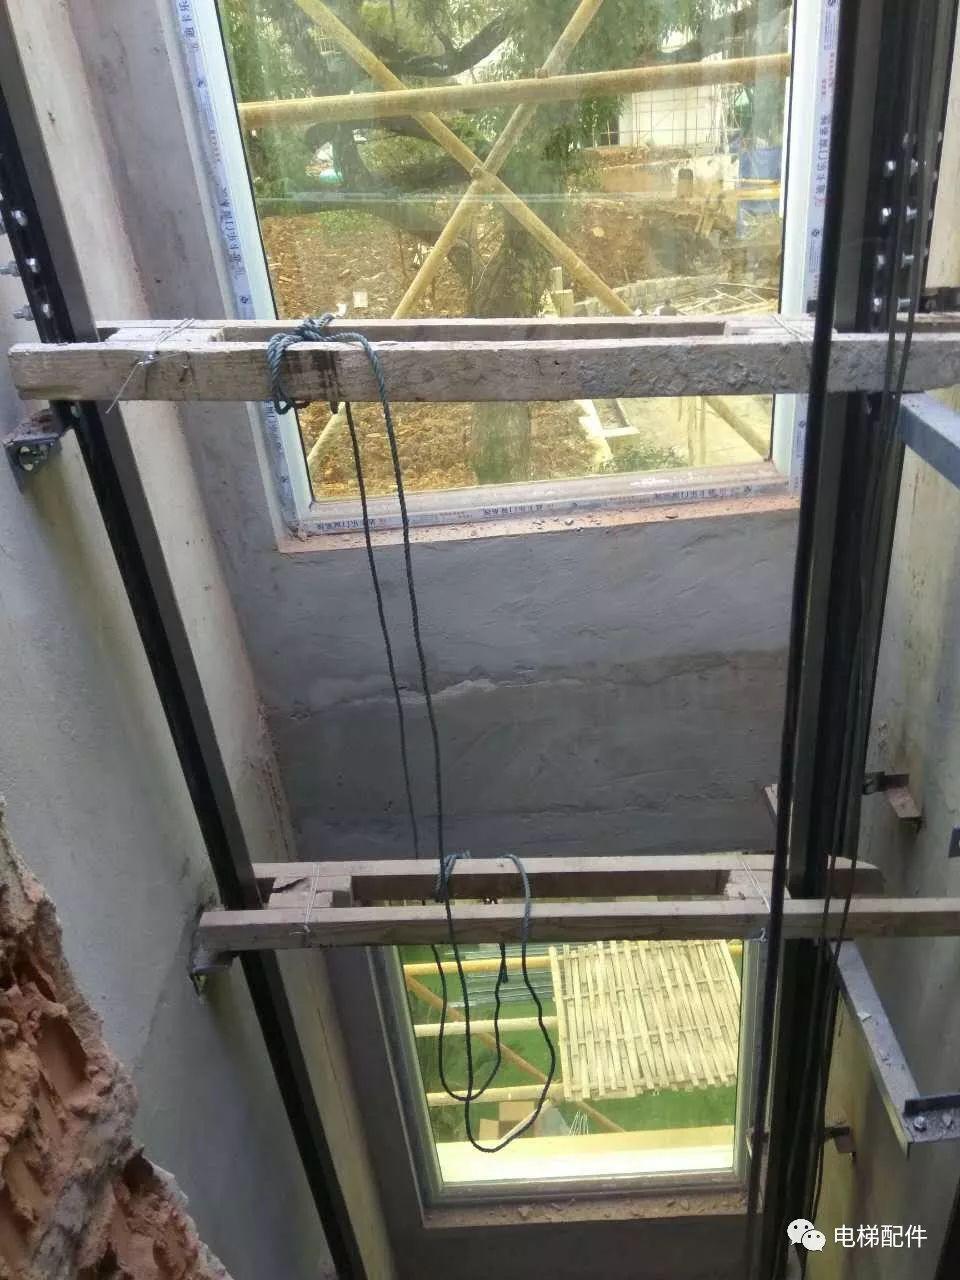 三菱无机房电梯安装图